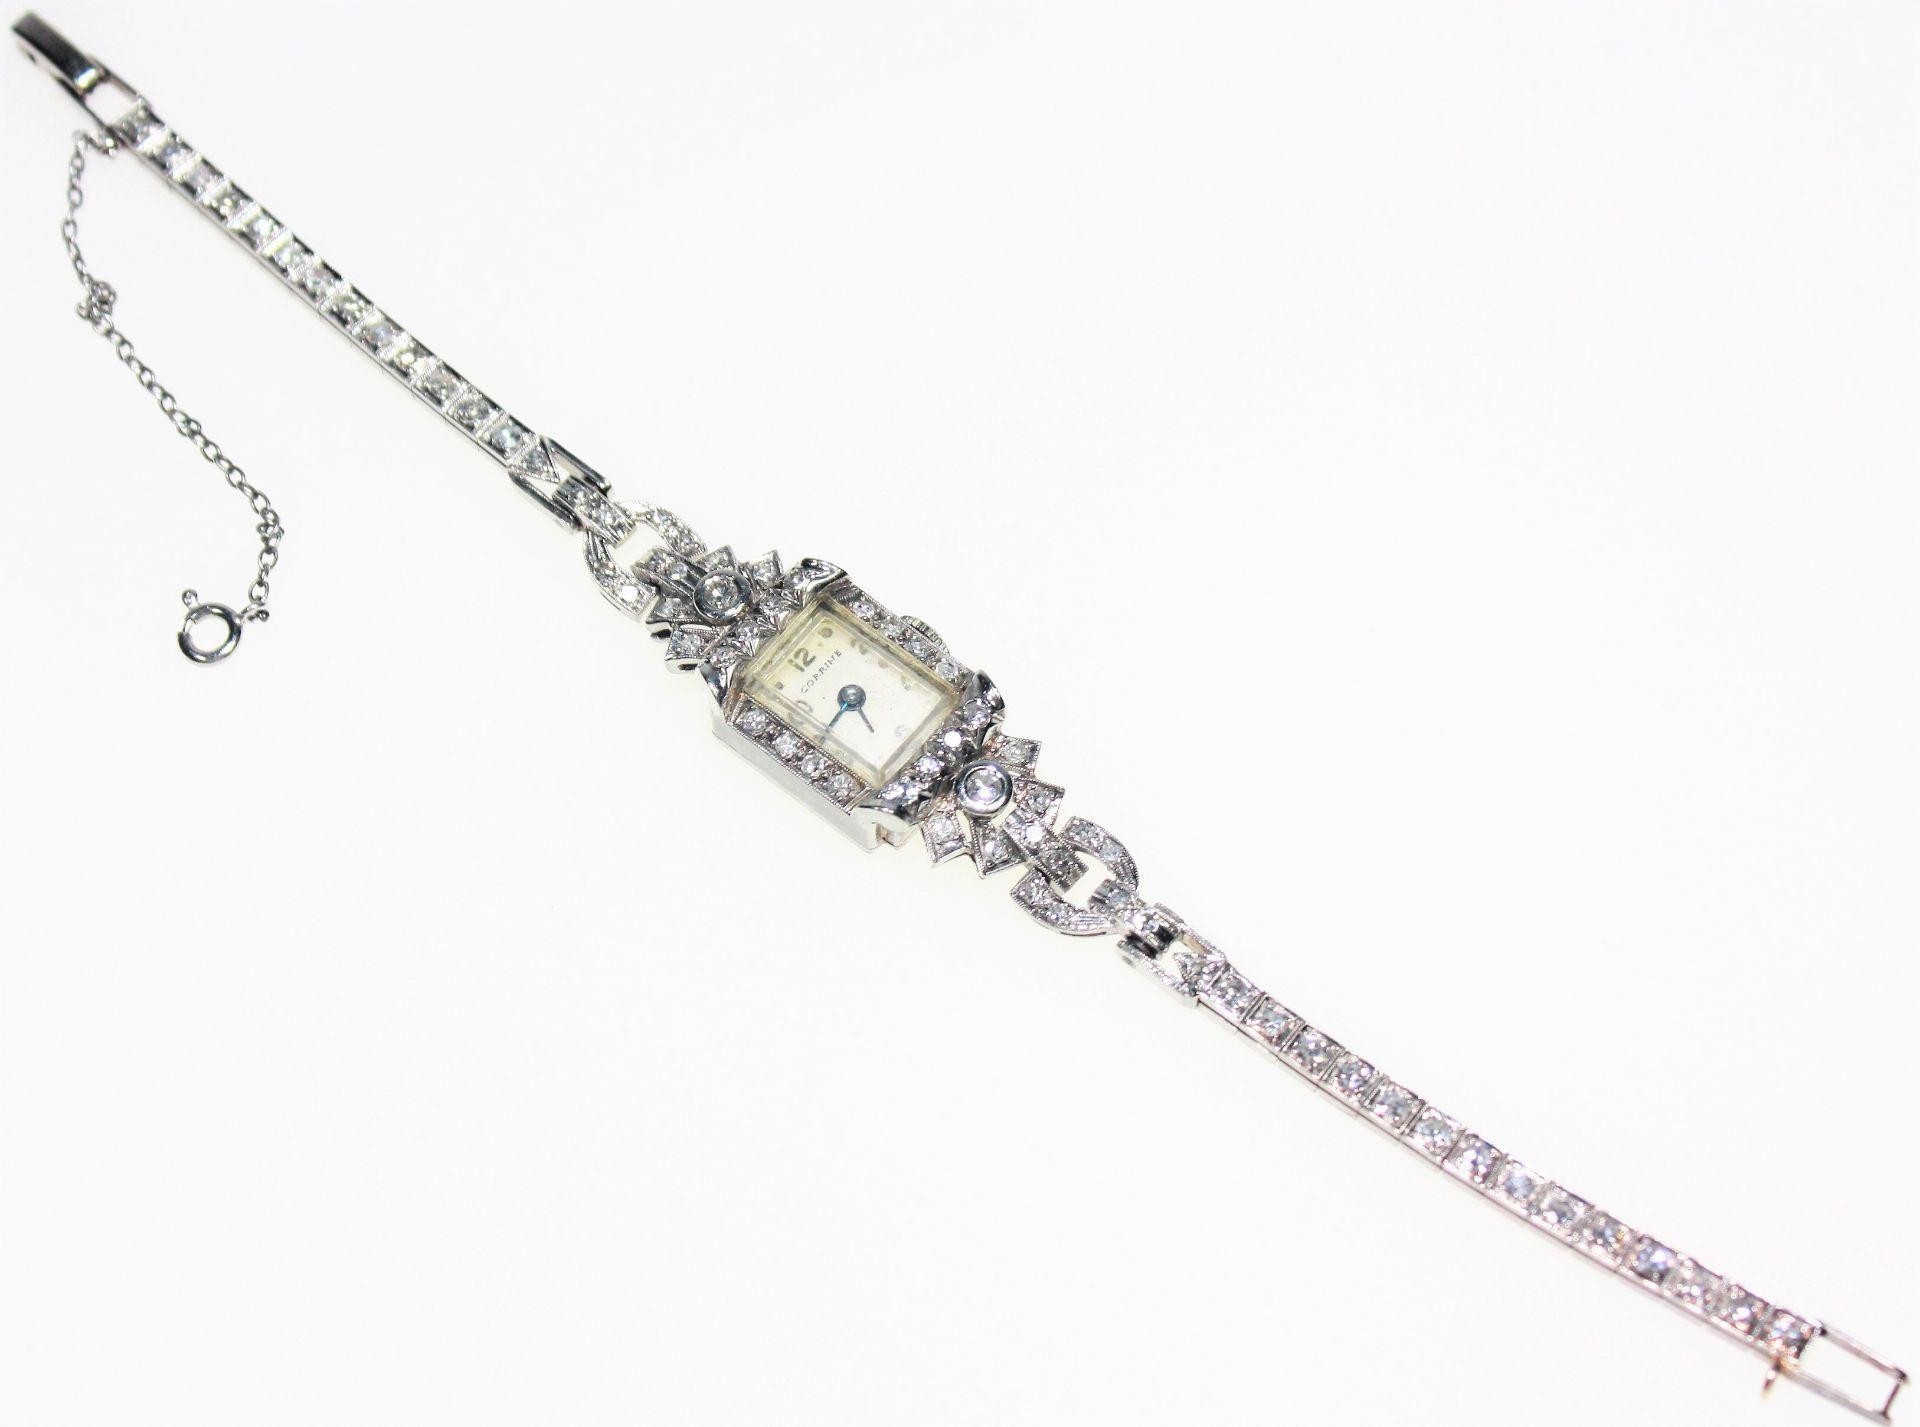 Ältere, schmale Damen-Armbanduhr 14 K gest. Art Deco, voll ausgefasst mit Diamanten in